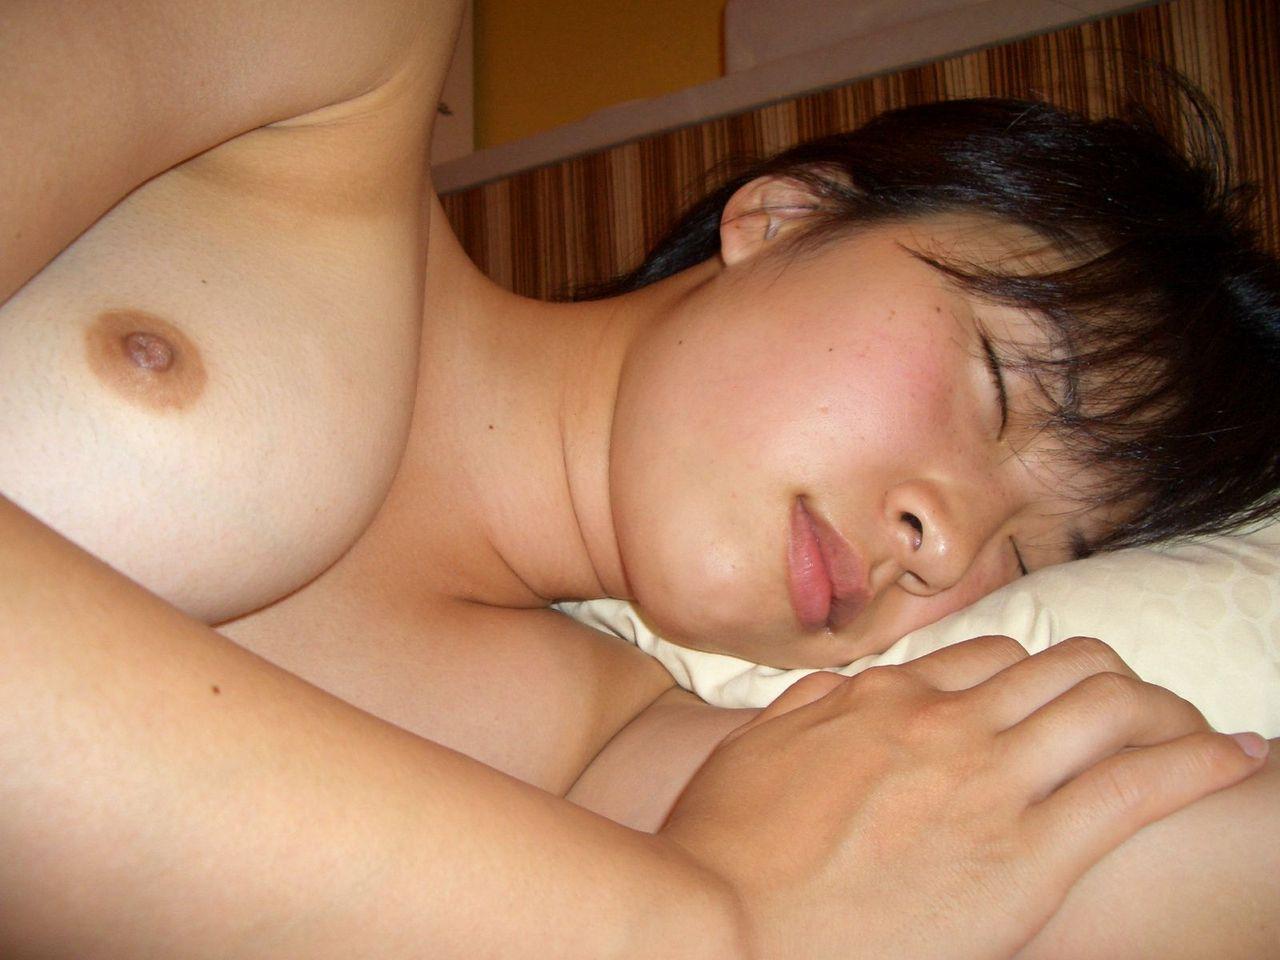 ラブホテルで撮影された素人女子のエロ画像 25